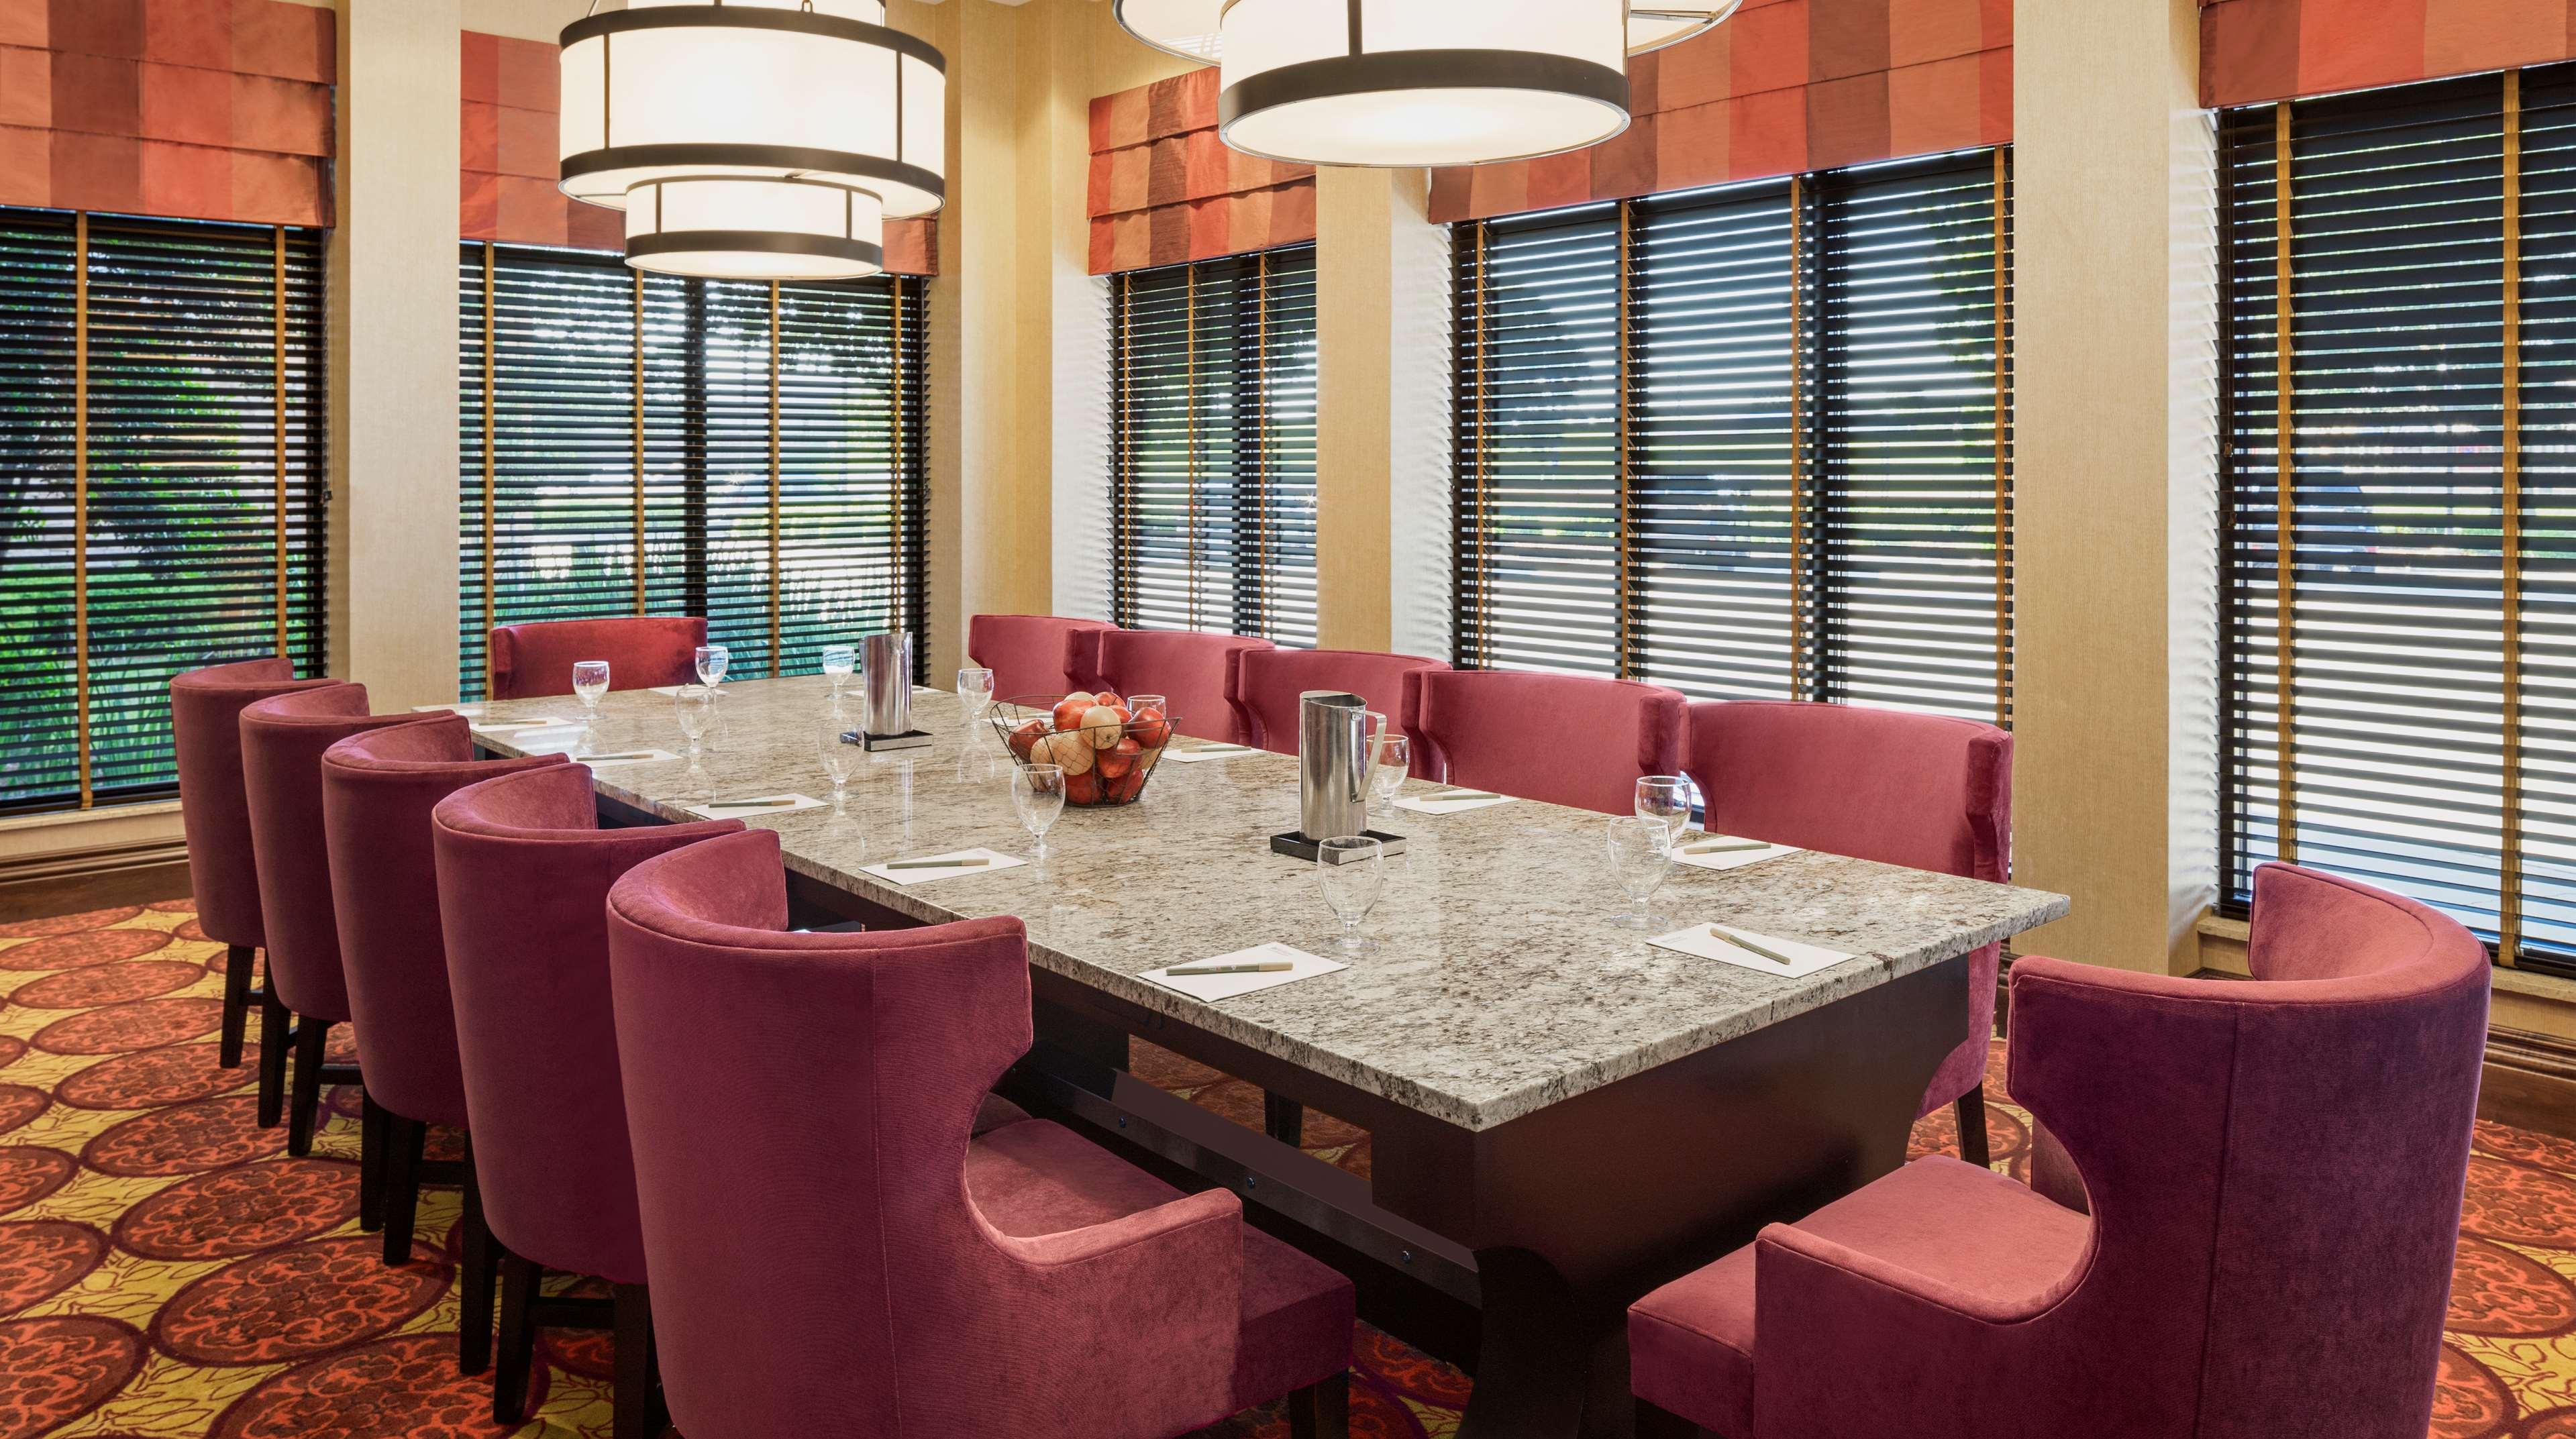 Hilton Garden Inn Shreveport Bossier City image 18